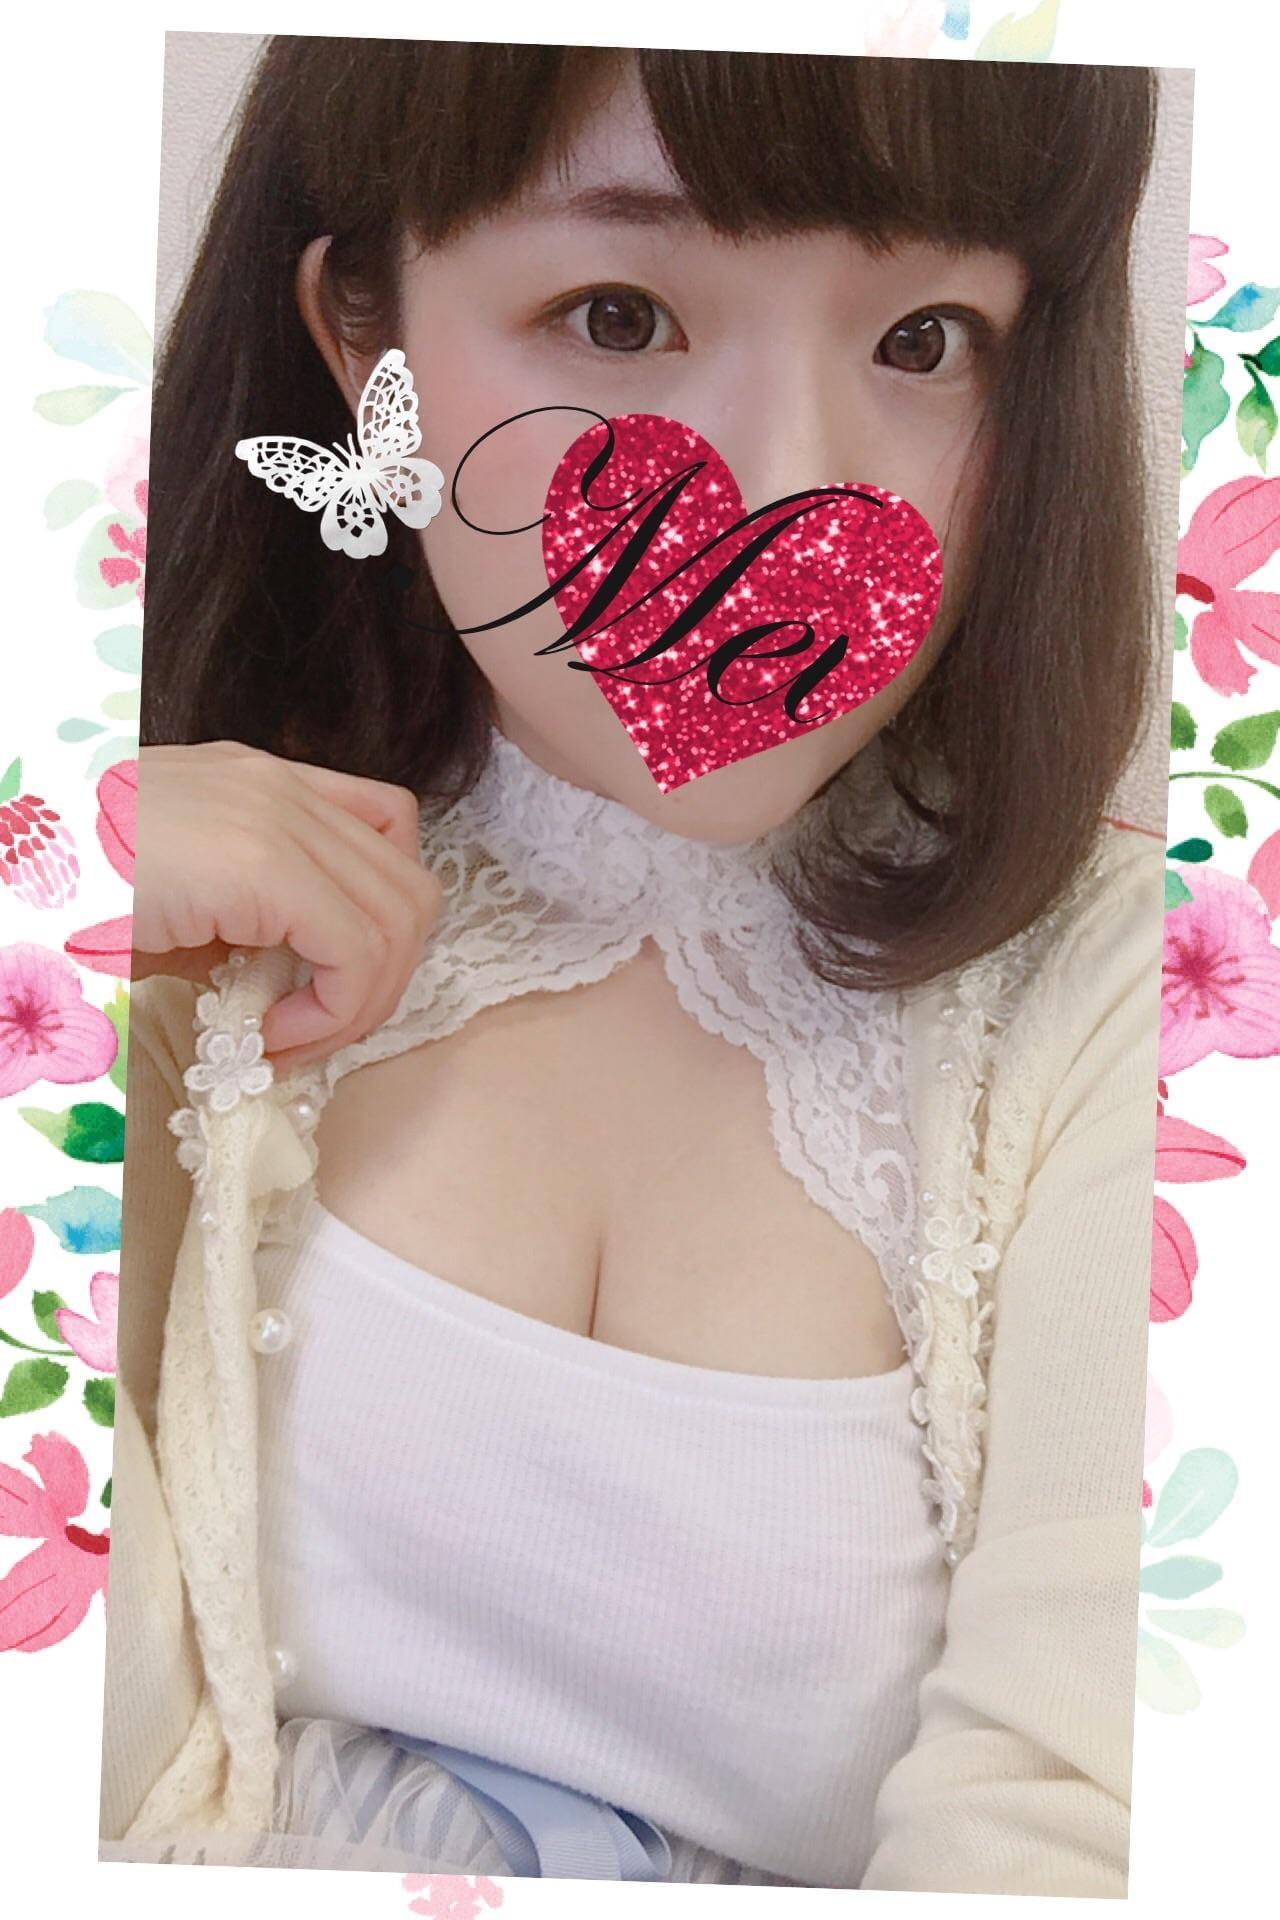 「にゃんぱす〜⊂( *・ω・ )⊃」06/14(木) 18:30 | V☆めいの写メ・風俗動画